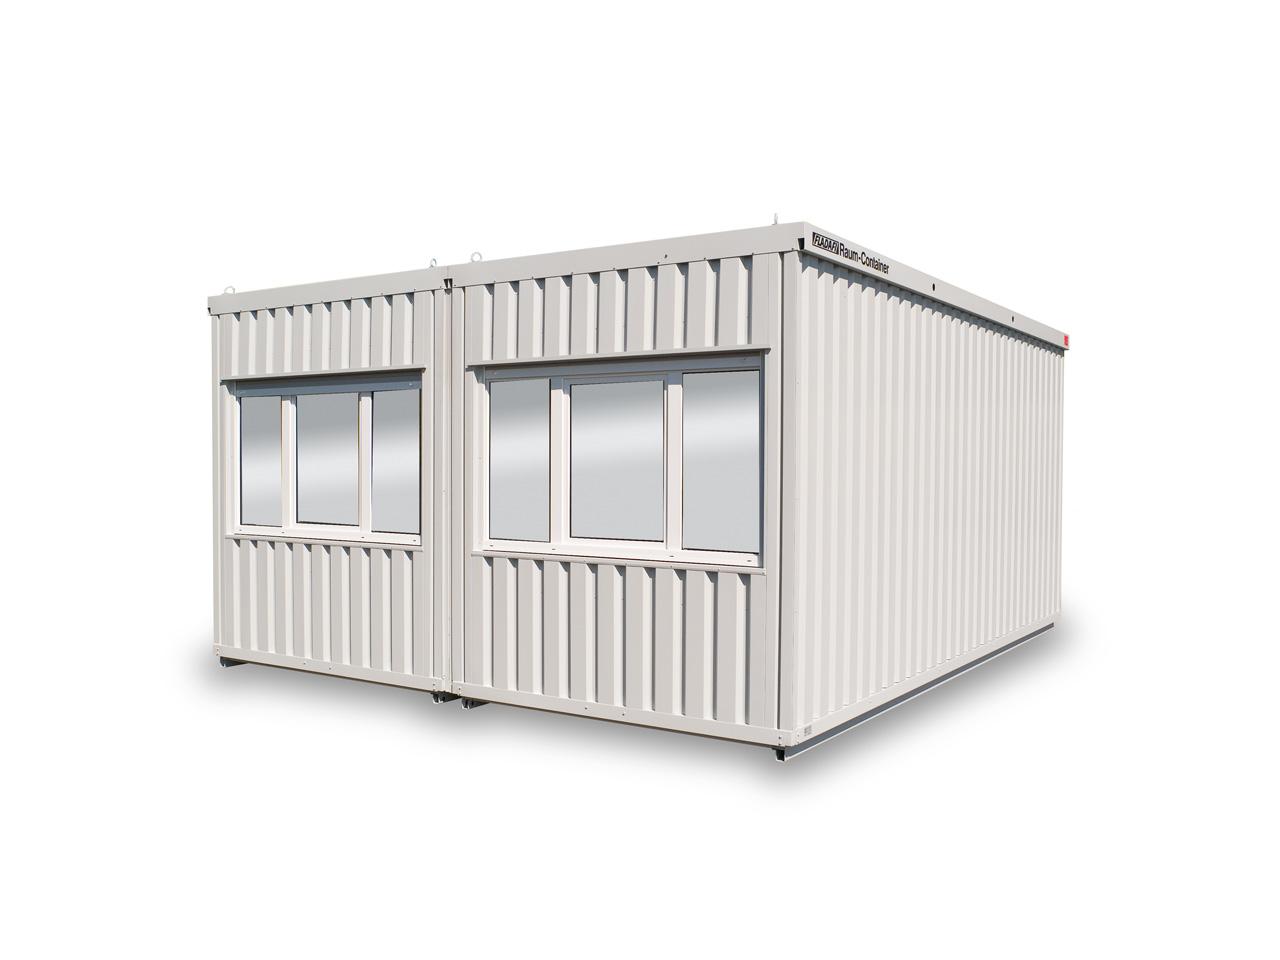 6809_FLADAFI-Raumcontainer-6M-6809_RC6M6809_RGB_0011_ft_sn_sl.jpg